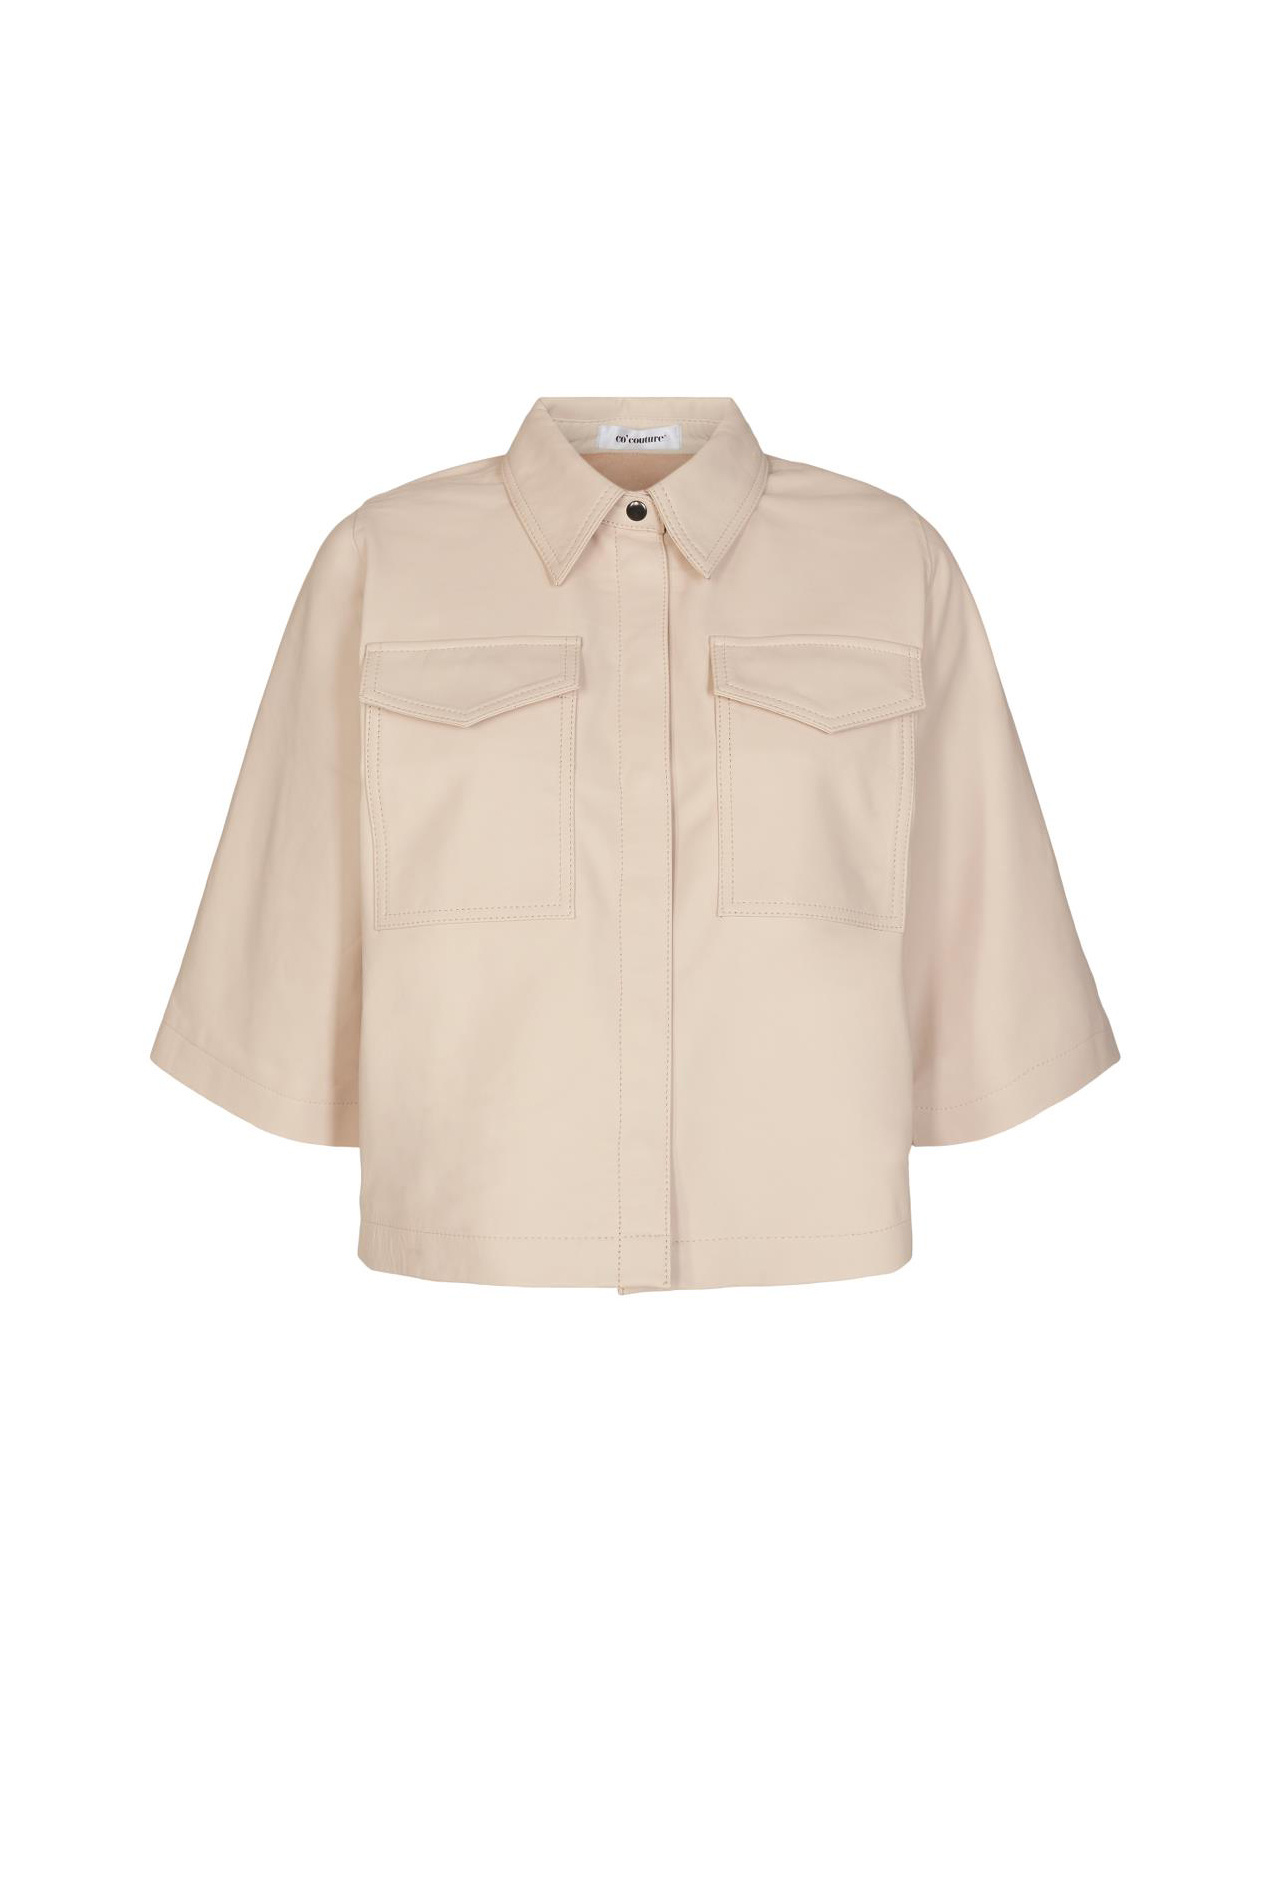 Phoebe Crop Shirt - Marzipan-1